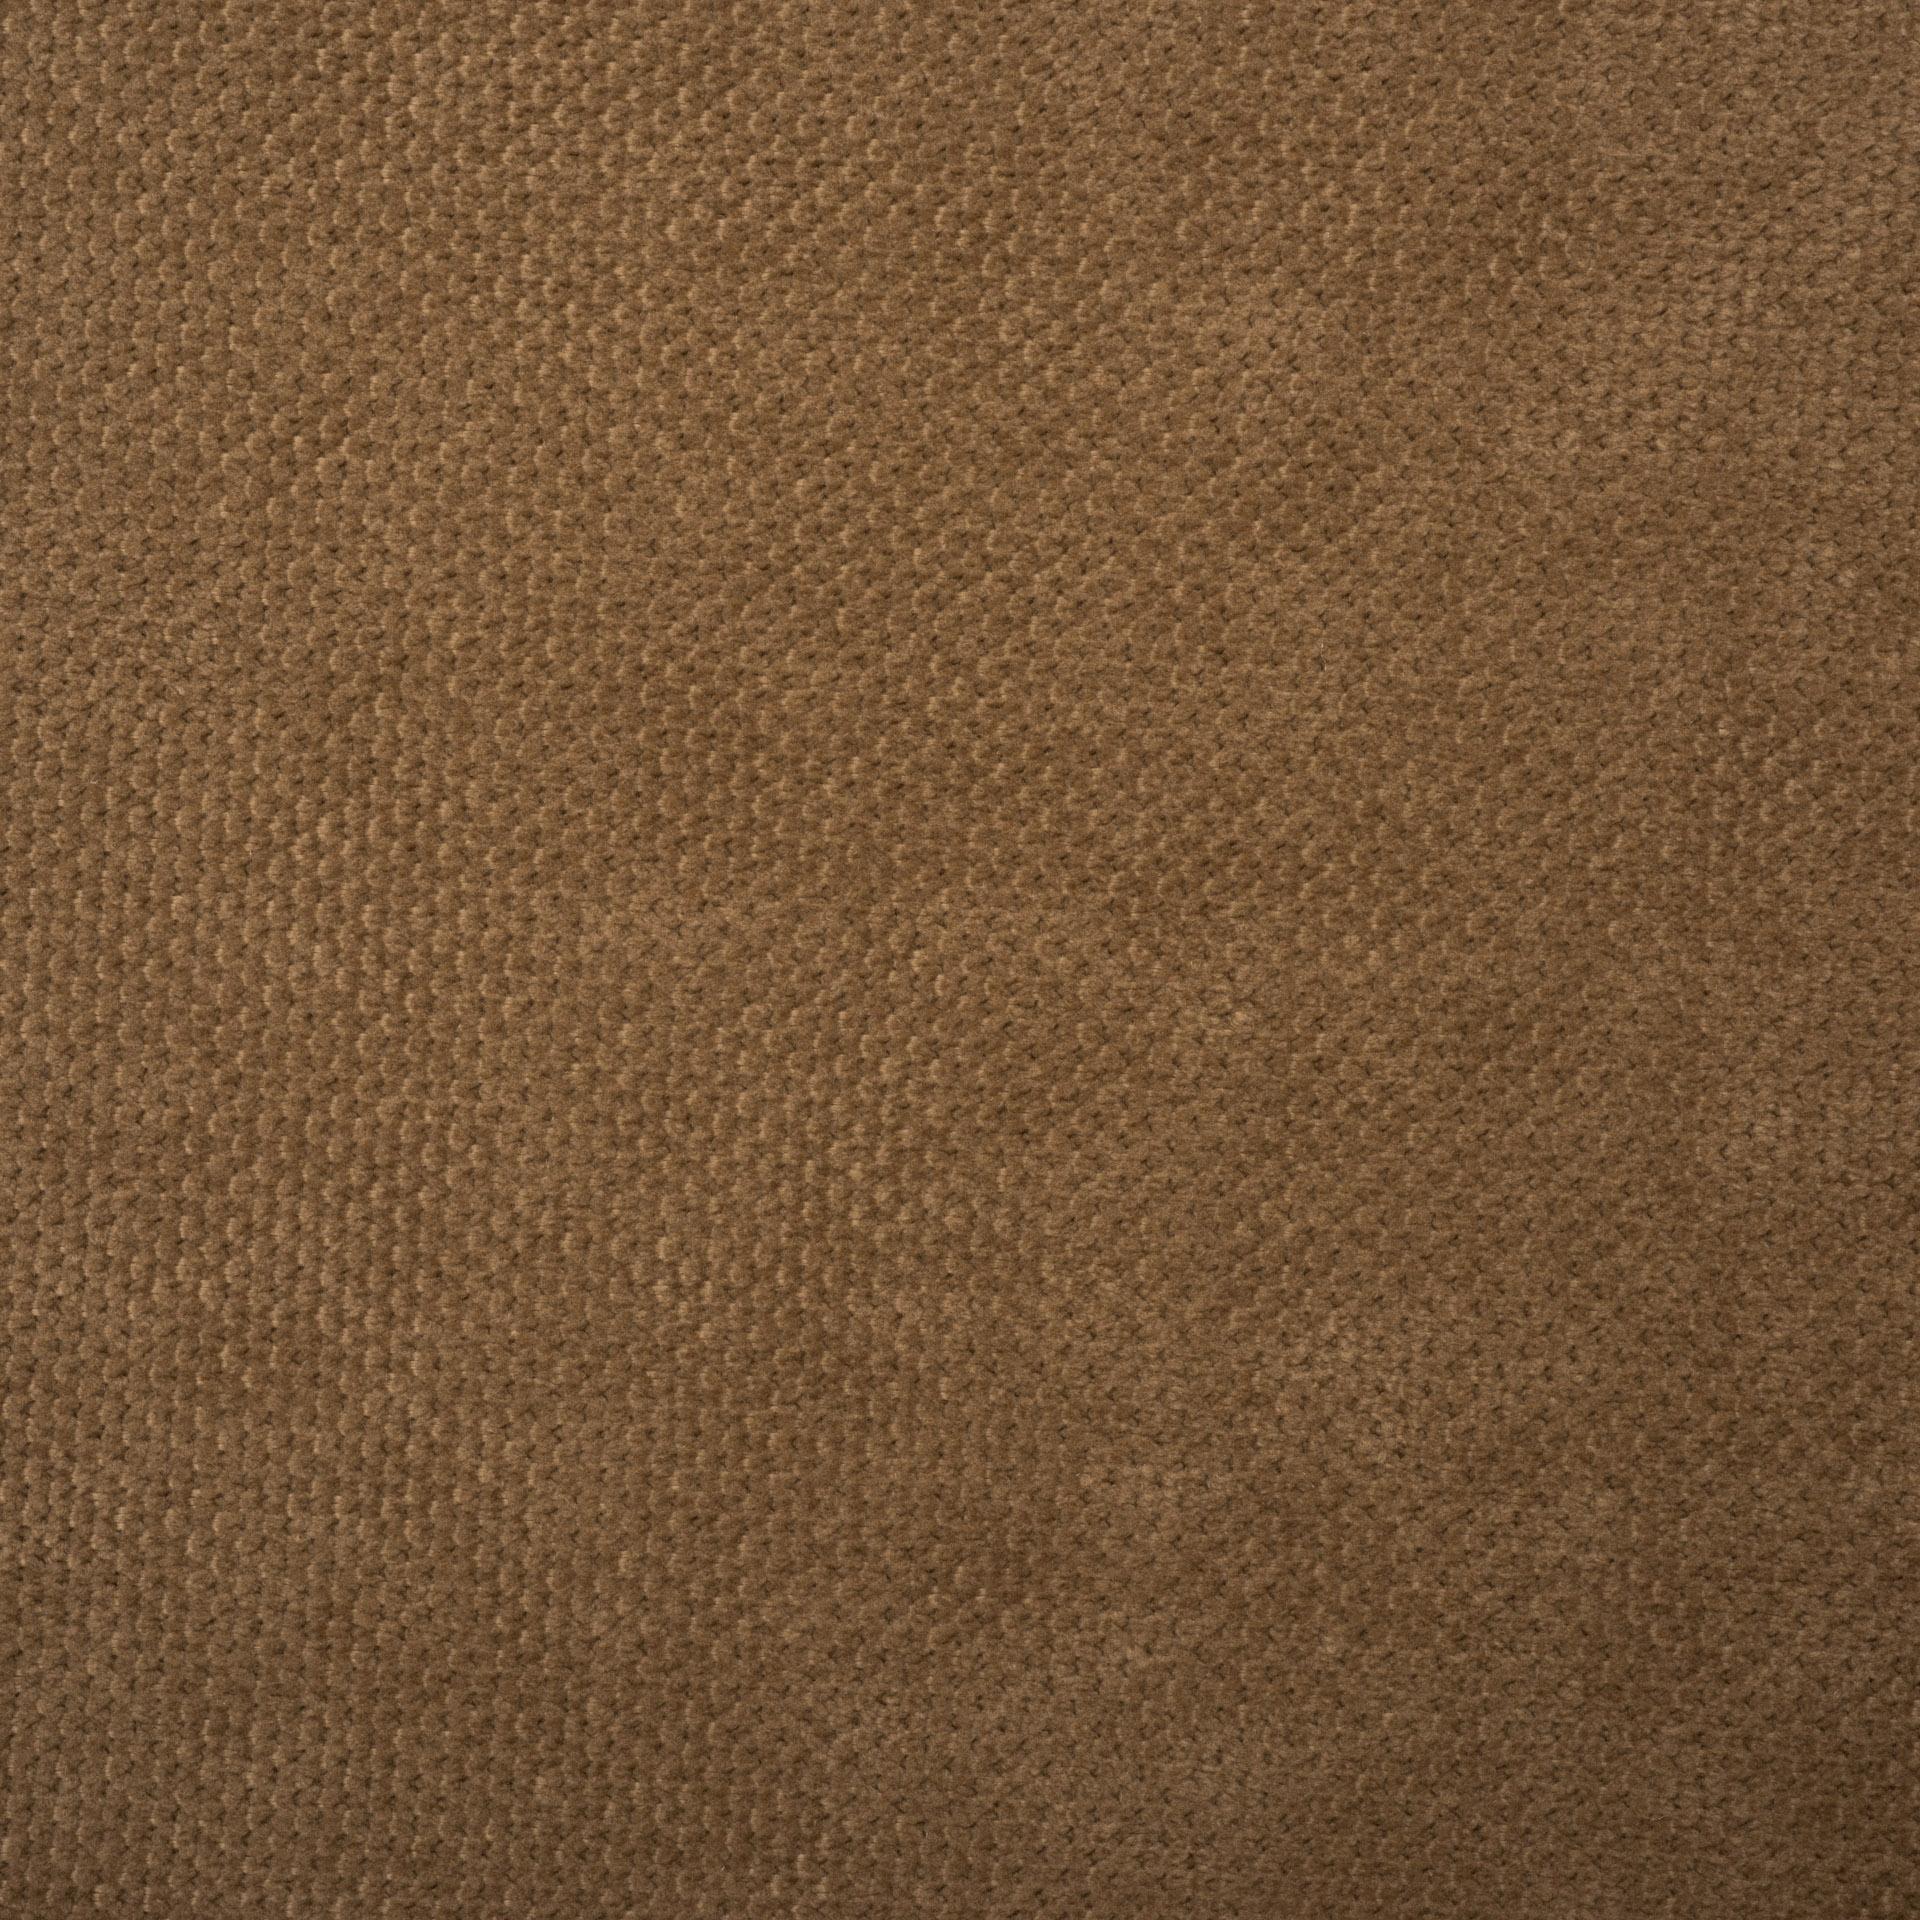 Коллекция ткани Дели 05 CARAMEL,  купить ткань Жаккард для мебели Украина